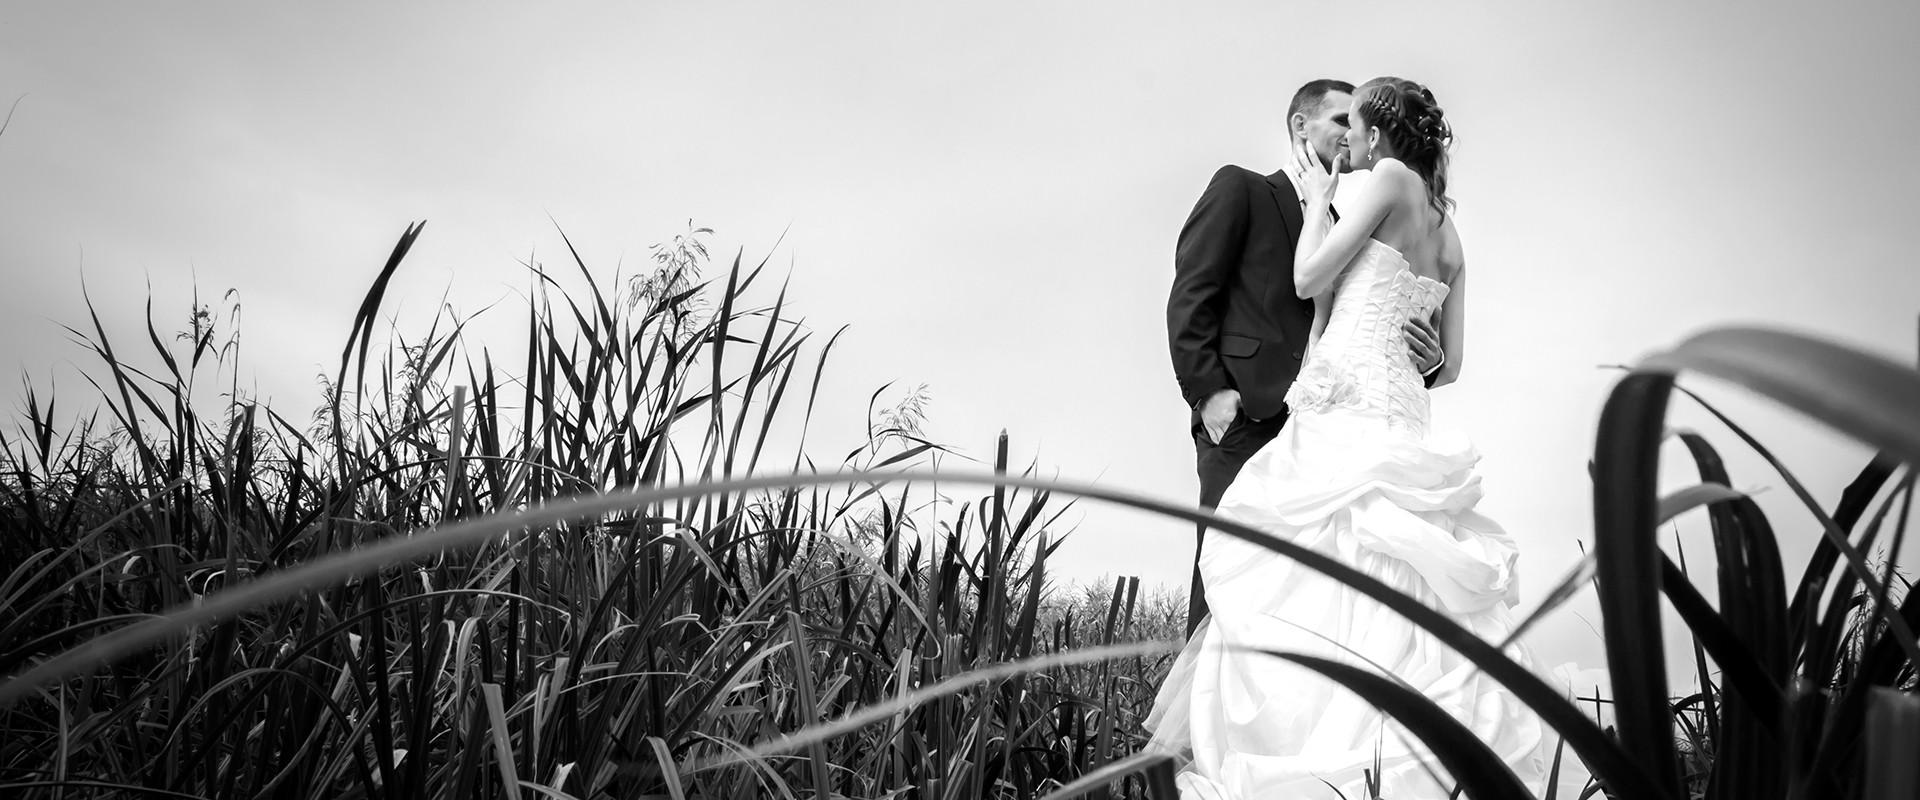 Eszti és Szabi esküvői fotózása. Balatonlelle, Momento Fotó.